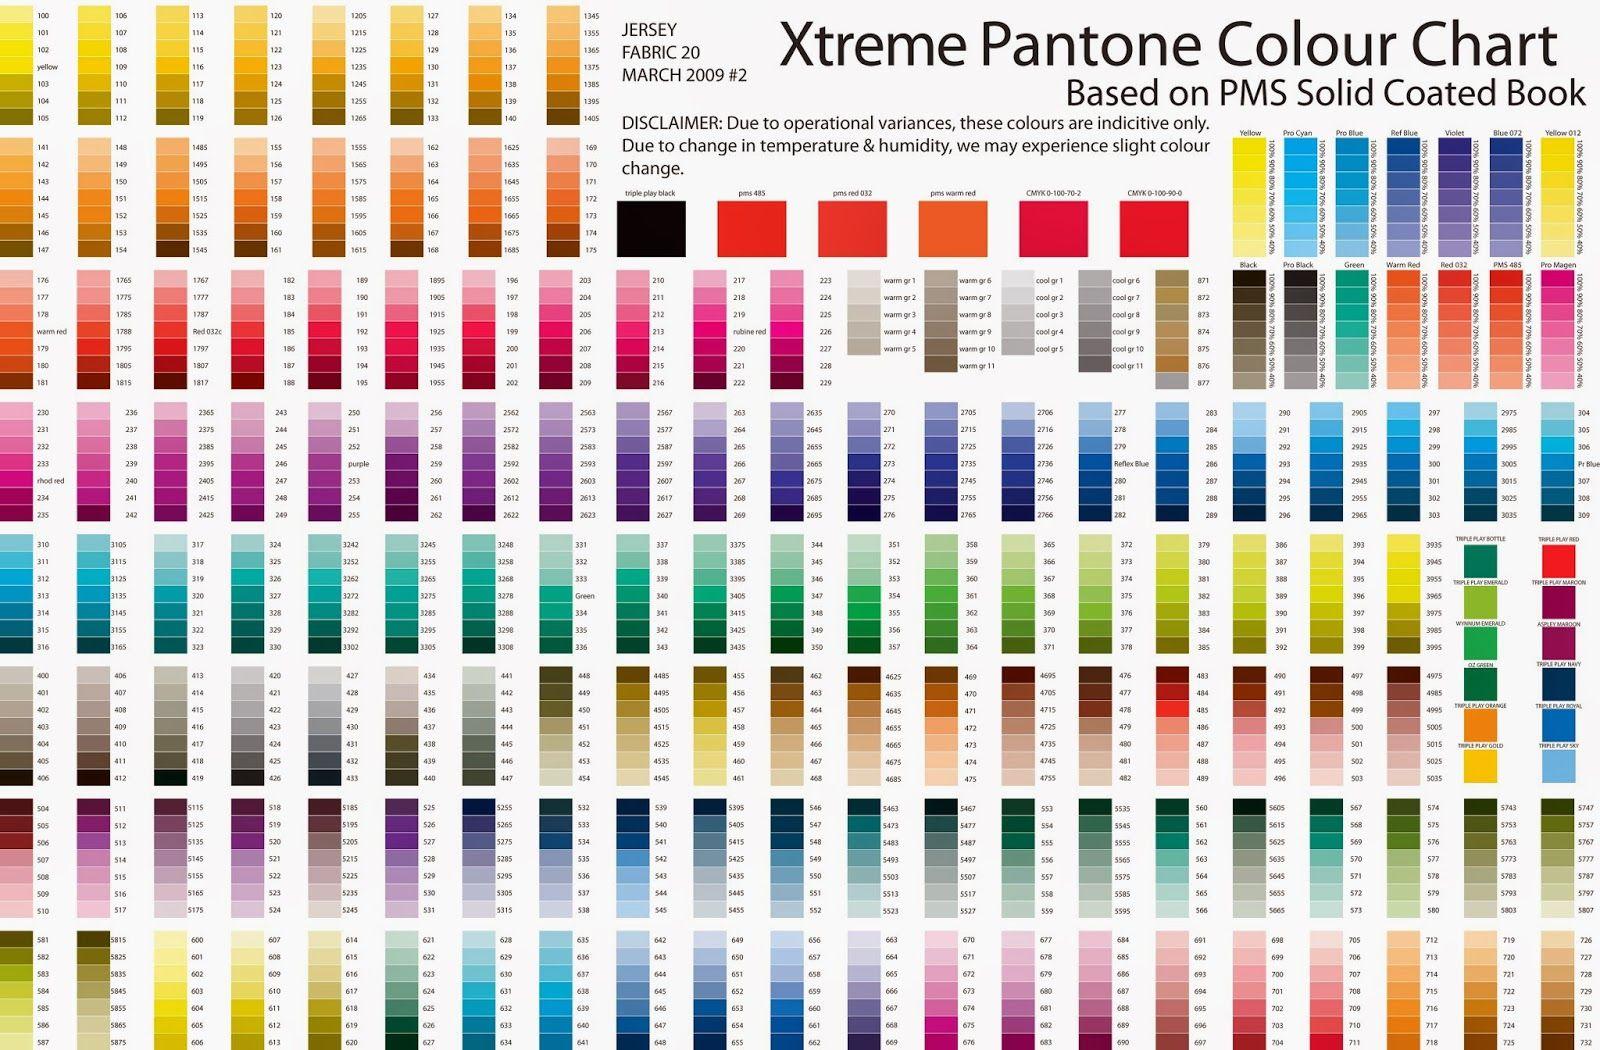 pantone color charts - Ideal.vistalist.co